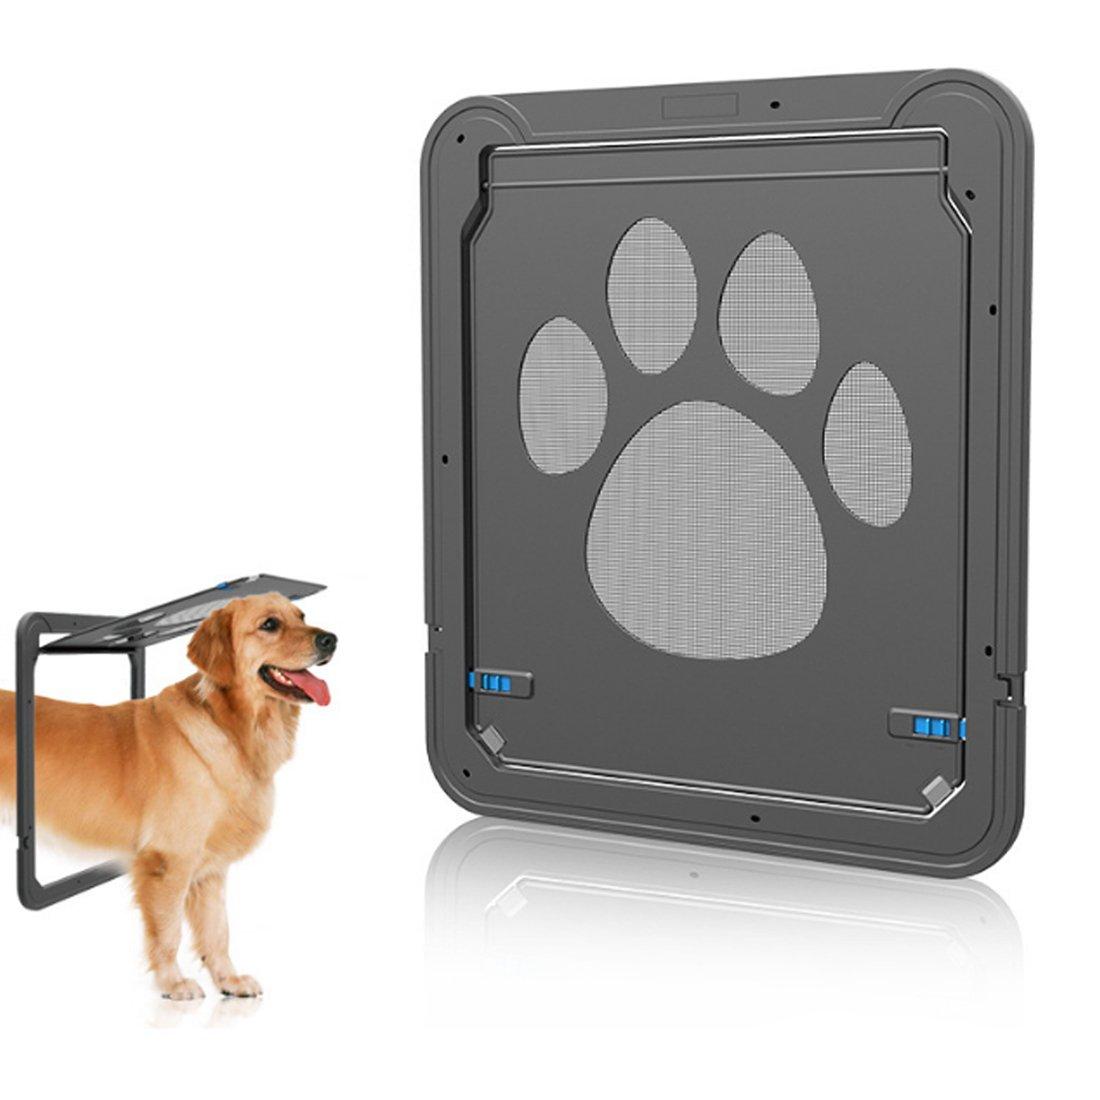 OviTop Haustierklappe 37 x 42 cm, Anti-Scrape Haustierklappe für Hund Katze - Schwarz